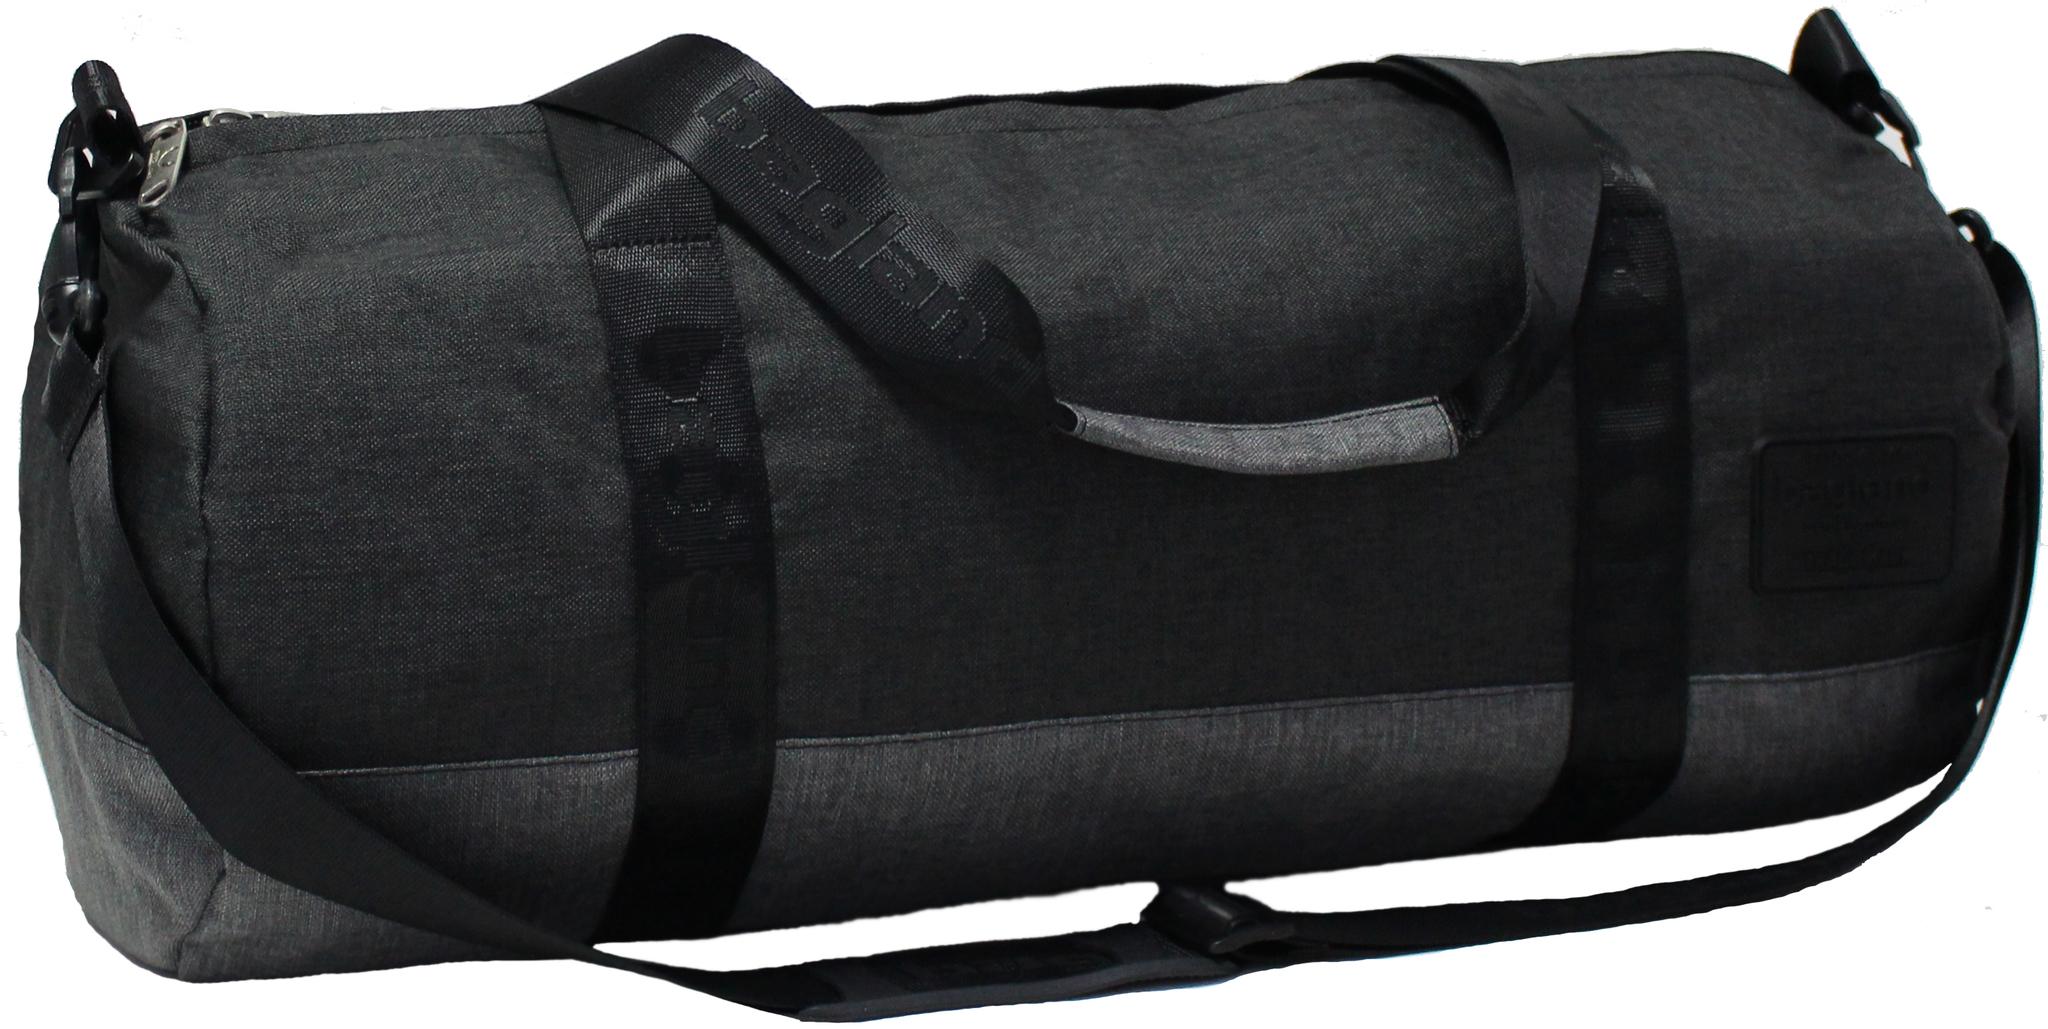 Спортивные сумки Сумка Bagland Staff 30 л. Чёрный/серый (0030069) IMG_1450.JPG